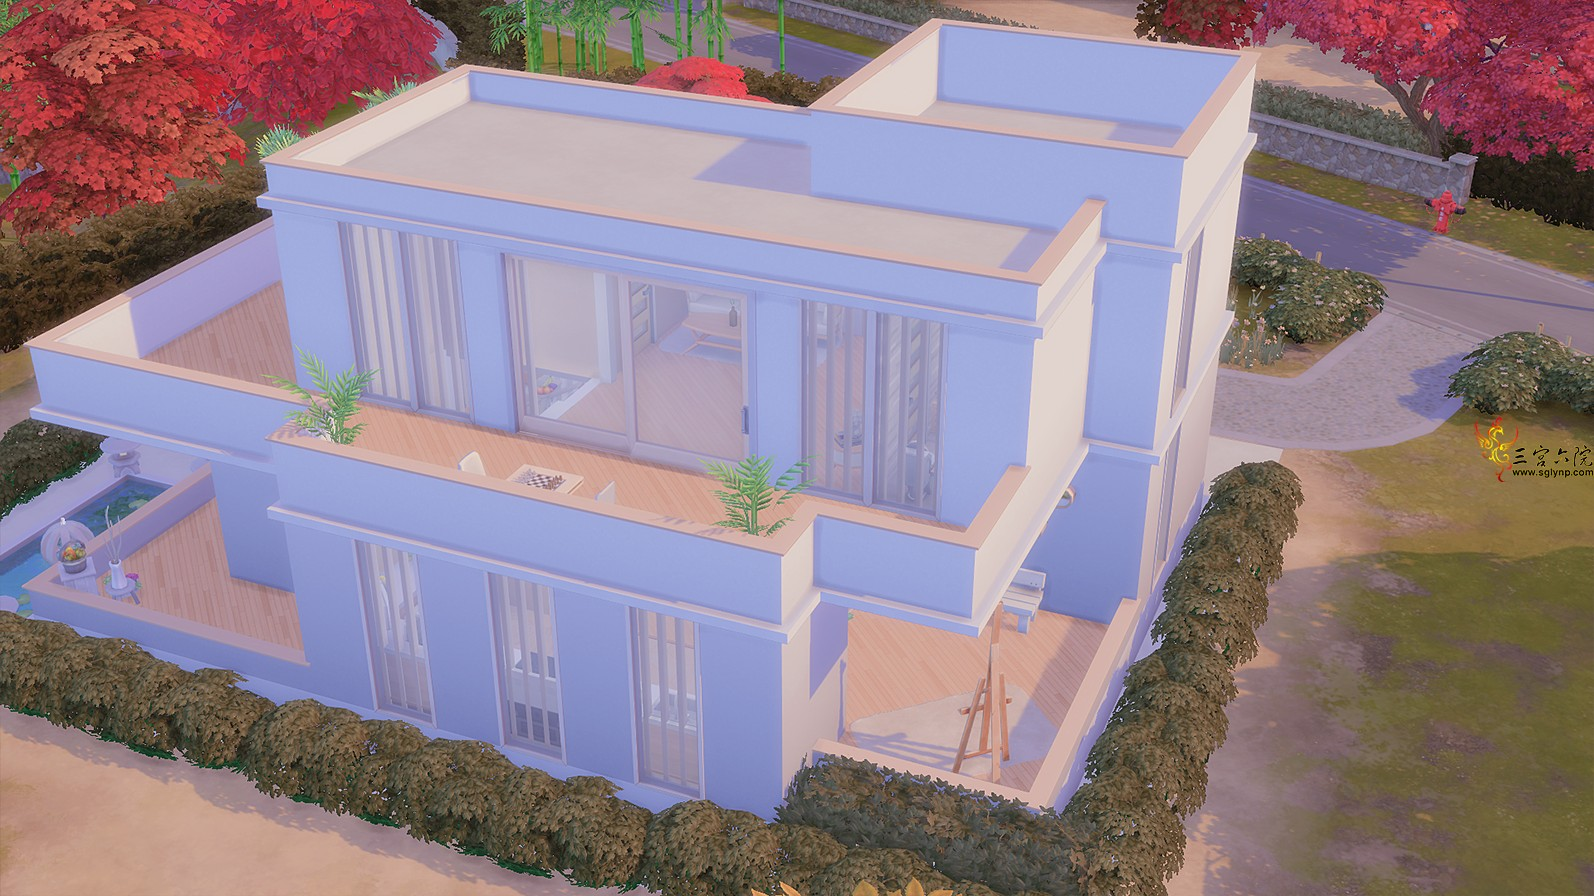 Sims 4 Screenshot 2021.02.14 - 14.06.16.58.png